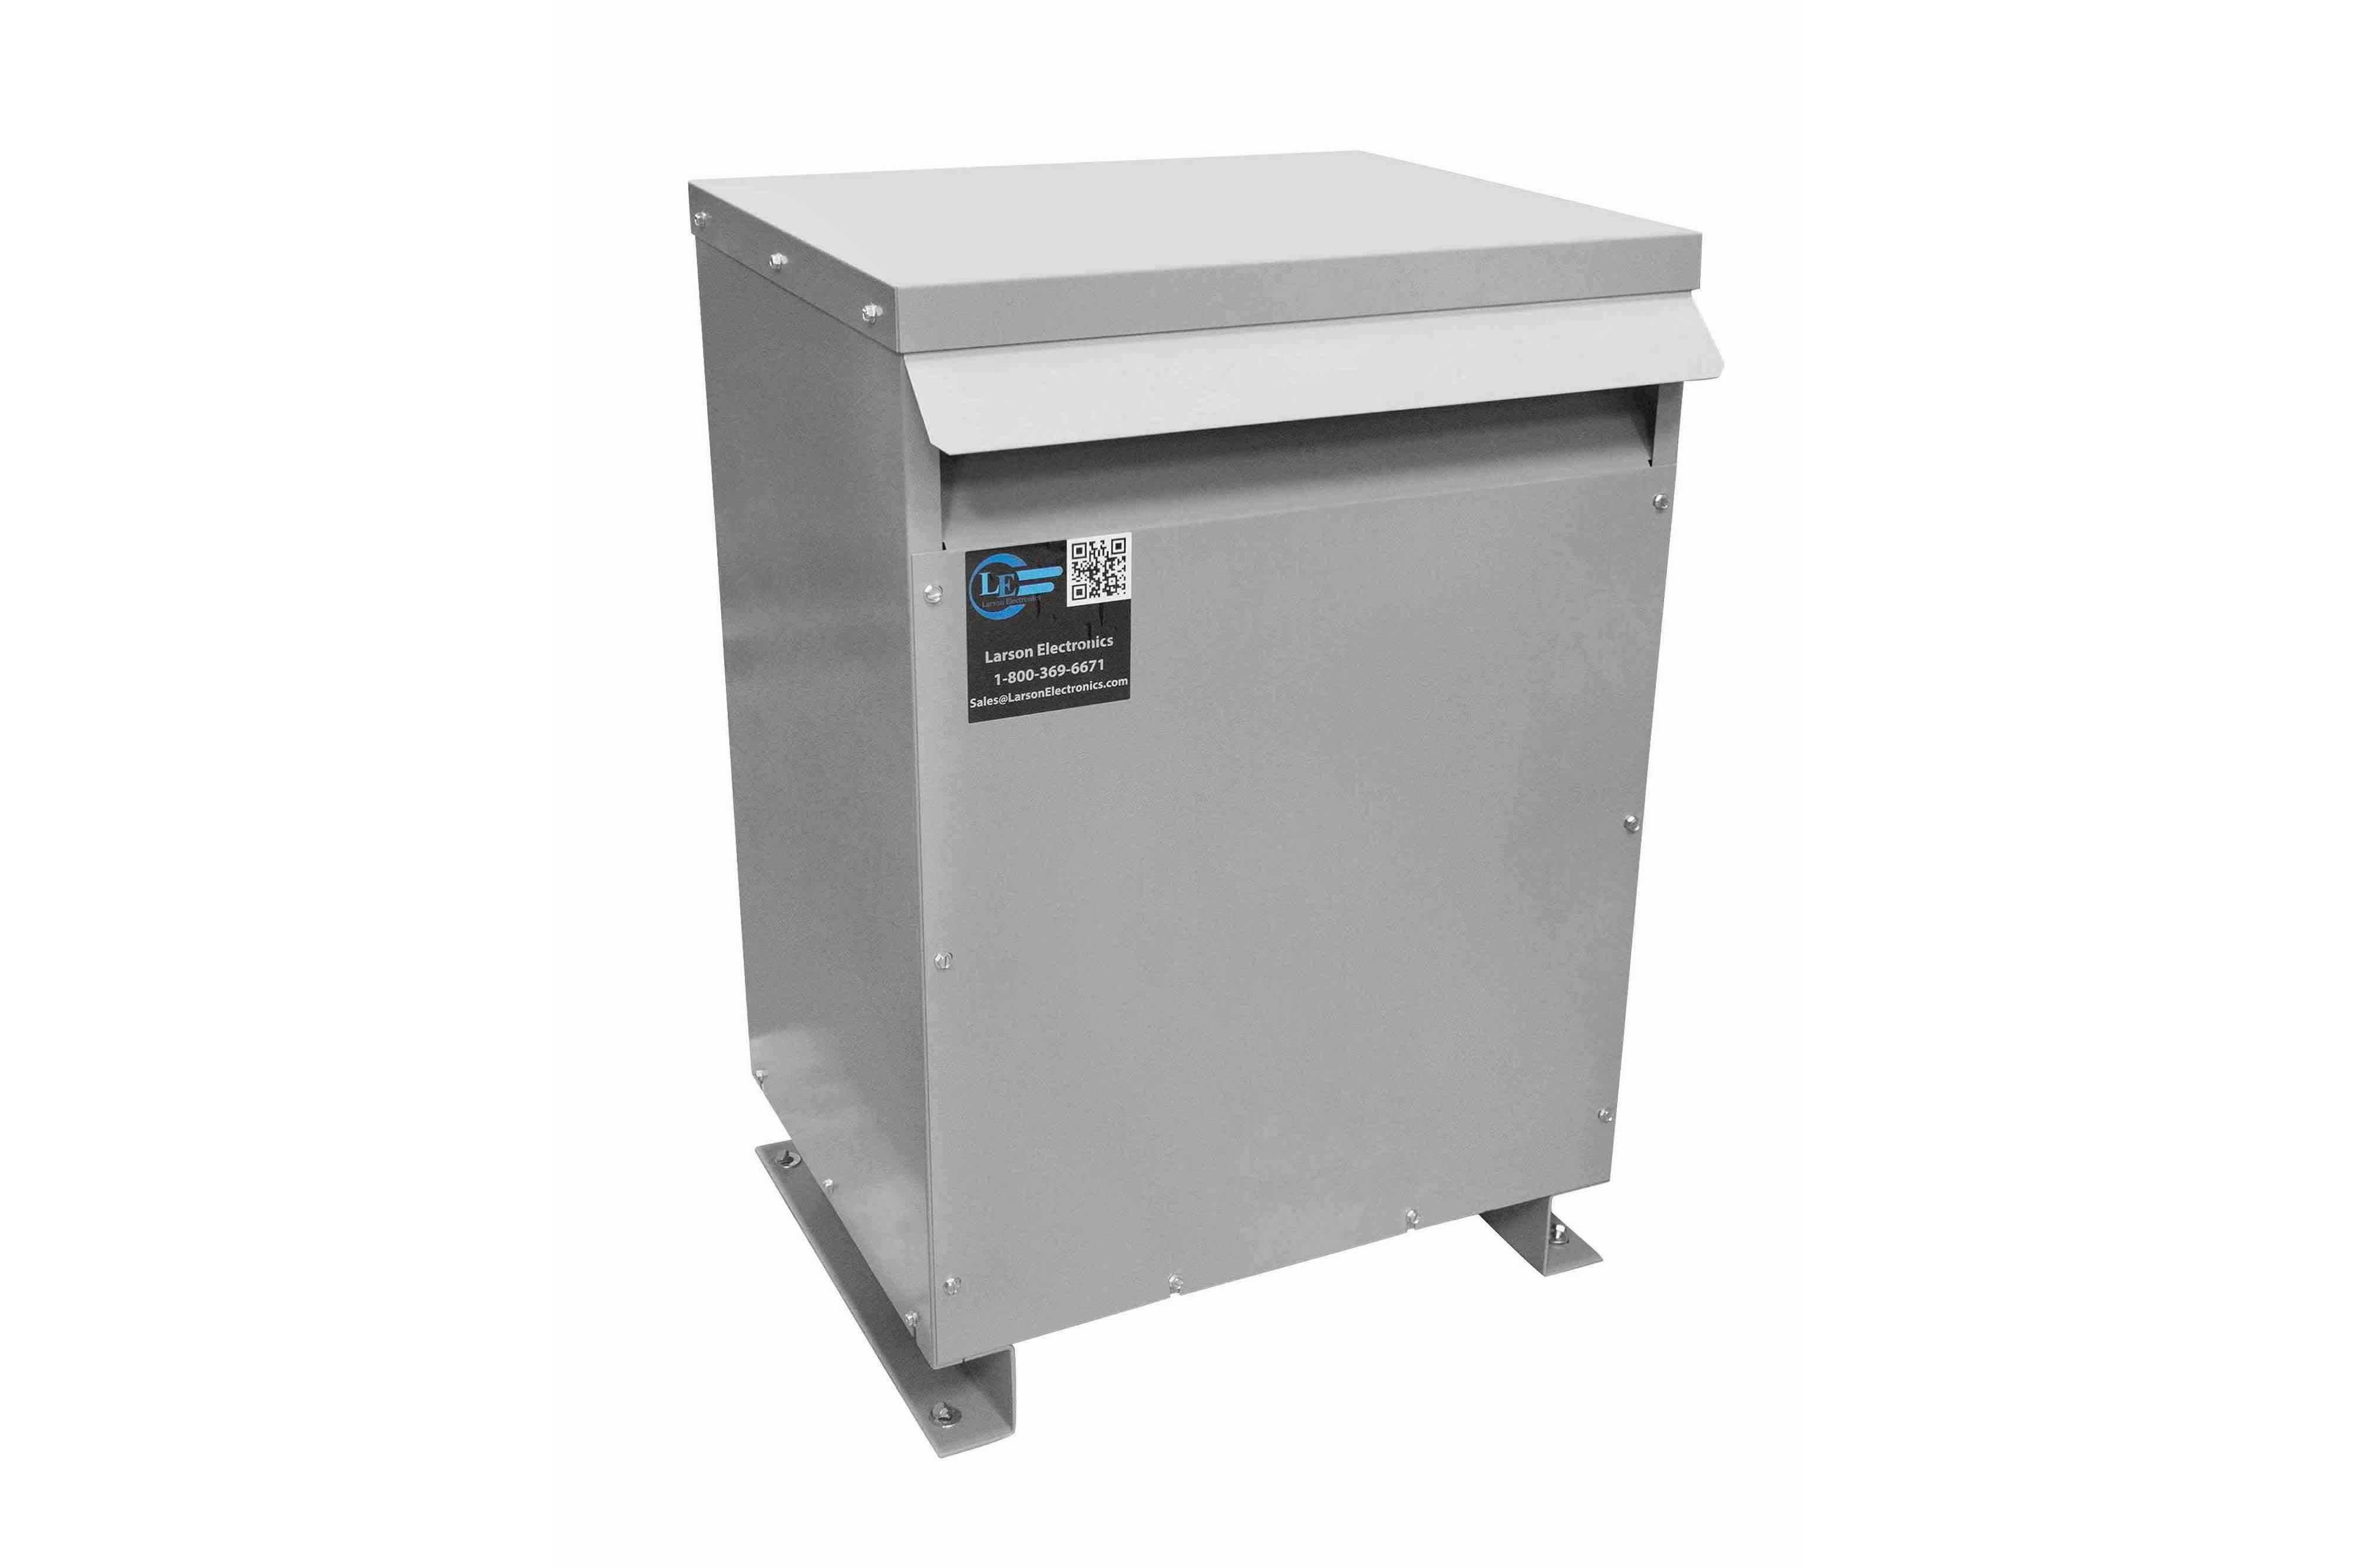 800 kVA 3PH Isolation Transformer, 460V Delta Primary, 208V Delta Secondary, N3R, Ventilated, 60 Hz